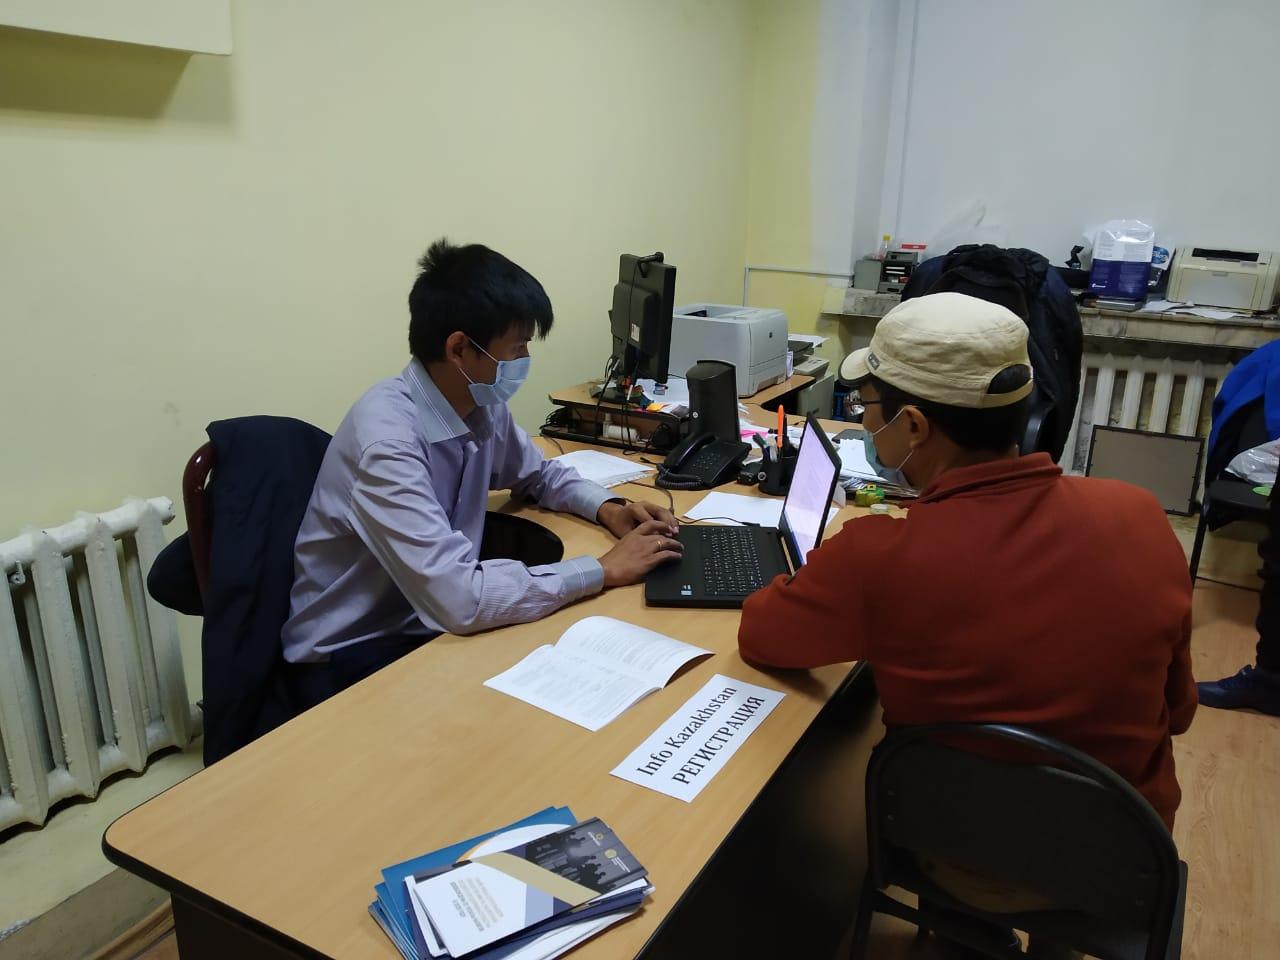 На севере Казахстана бизнесменов после локдауна обязали зарегистрироваться на сайте